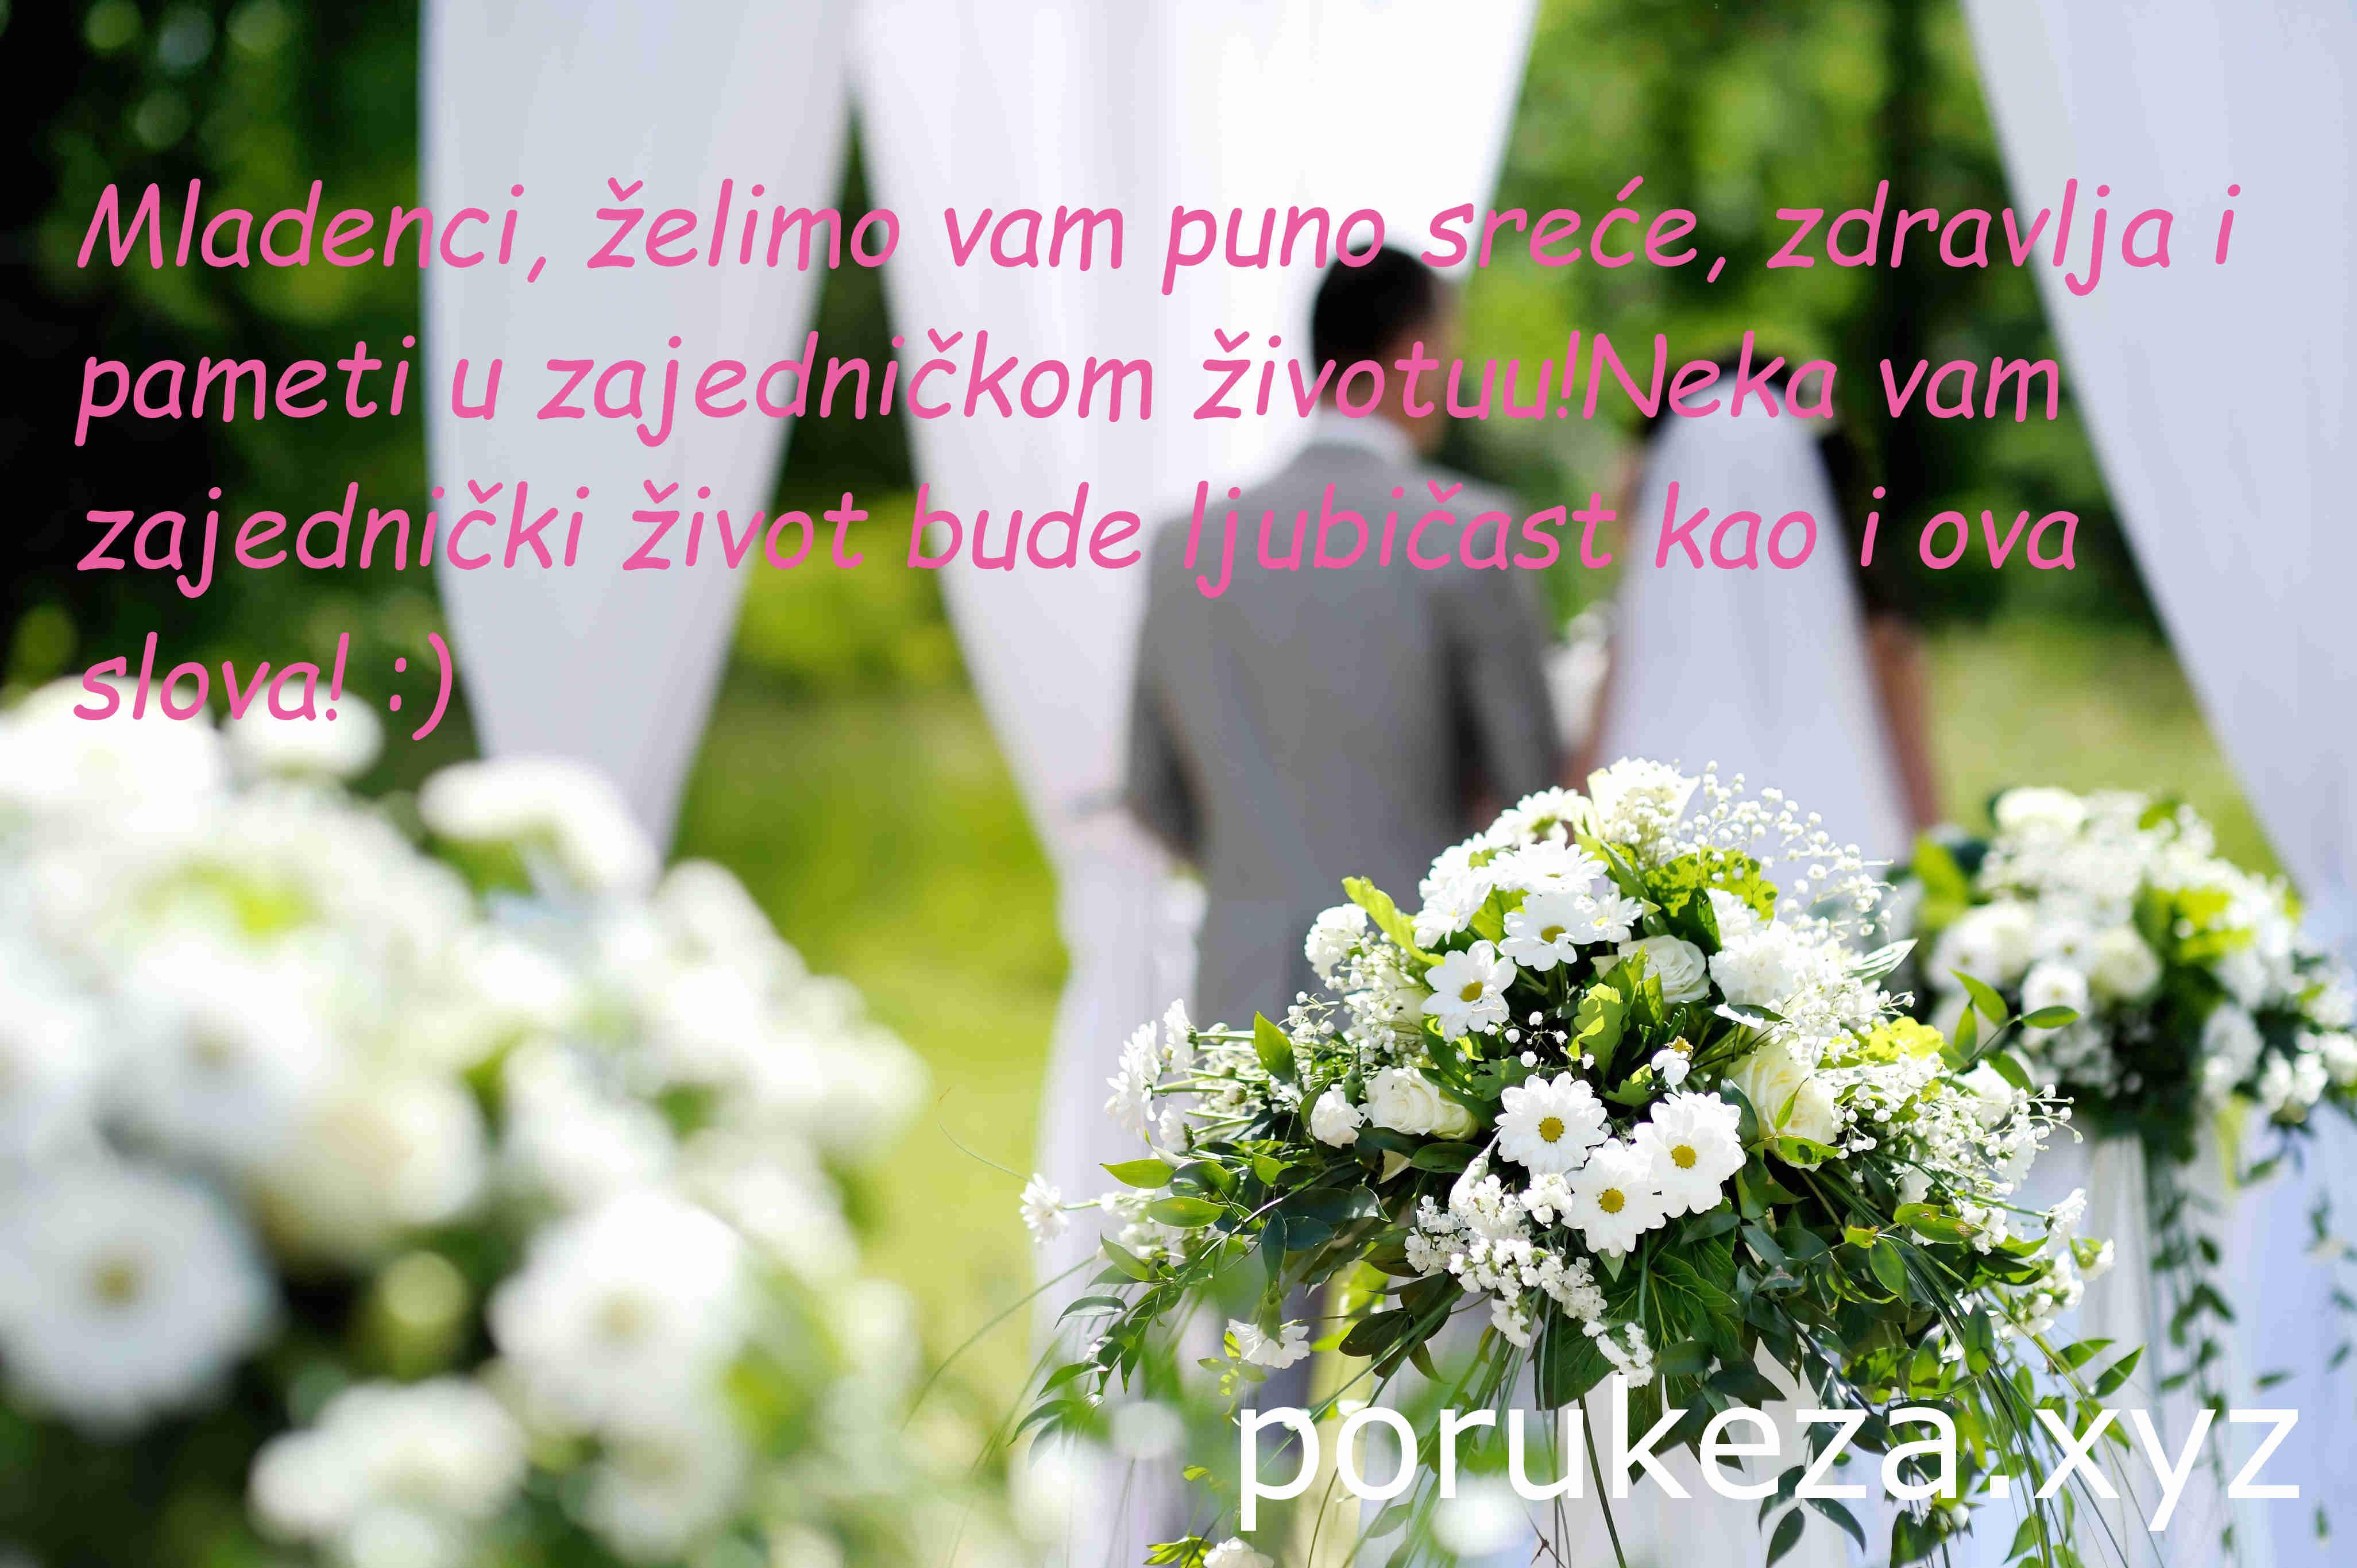 poruke za venčanje vjenčanje romantične citati ljubav